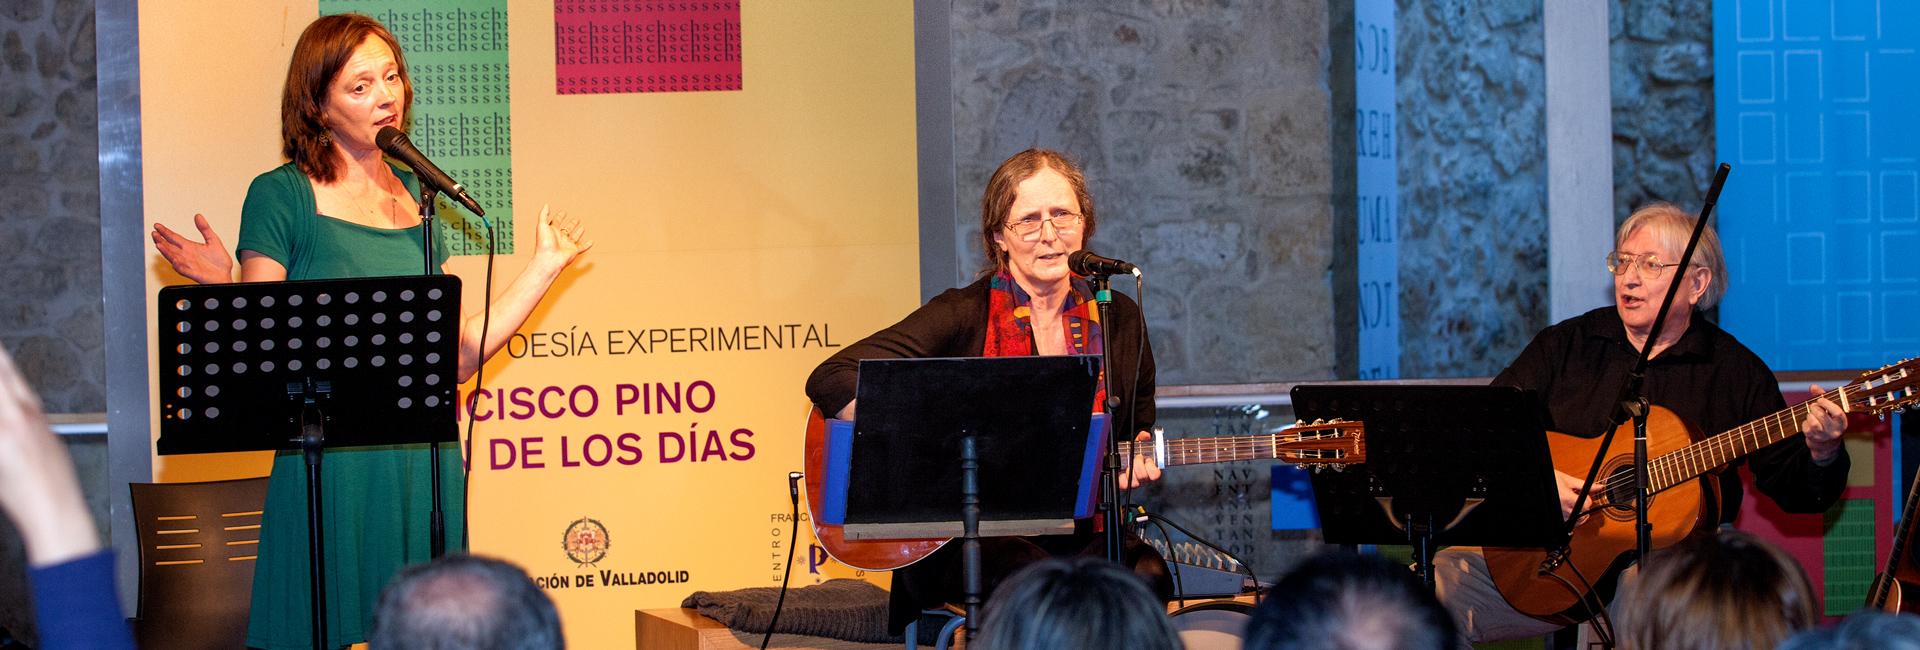 Conferences and Concert-Recital in Urueña (Valladolid), 2 june 2018